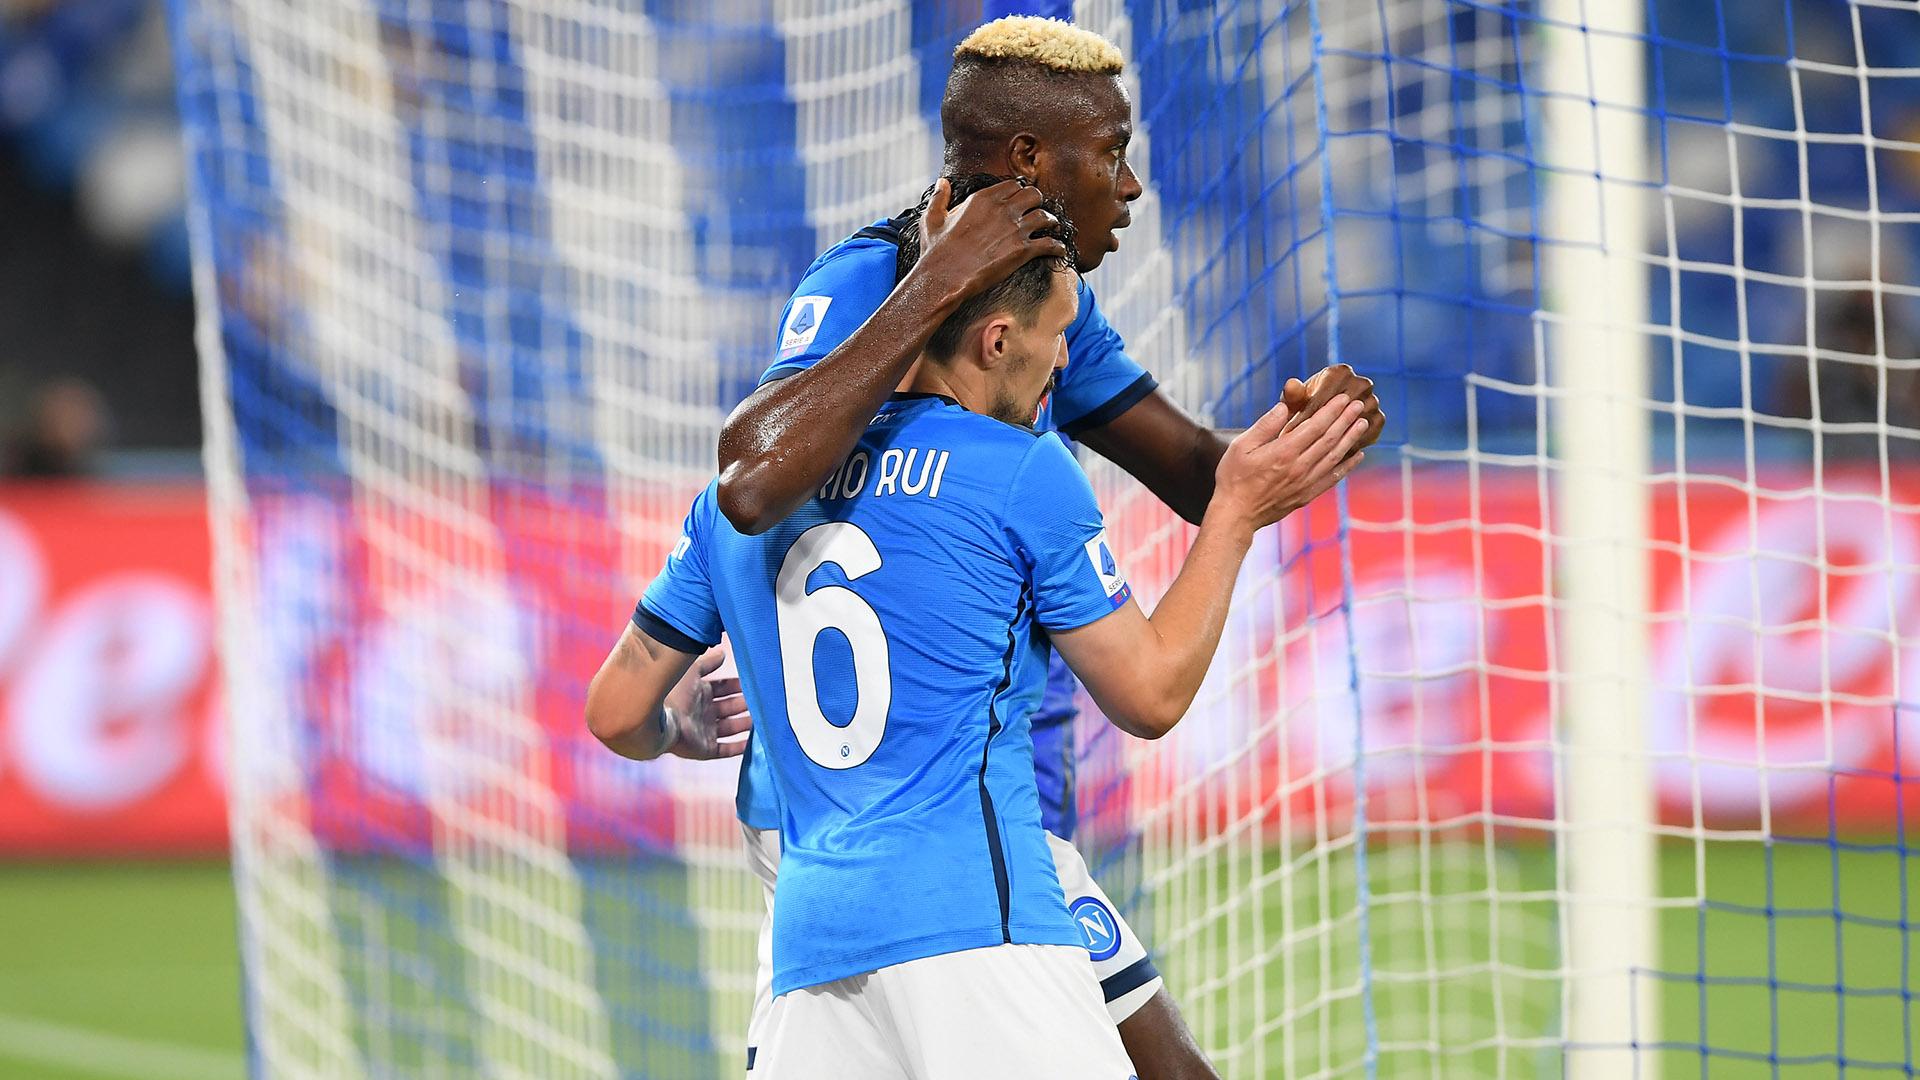 Serie A 2021/2022: Napoli-cagliari 2-0, le foto - Serie A 2021/2022: Napoli-cagliari  2-0, le foto   Virgilio Sport